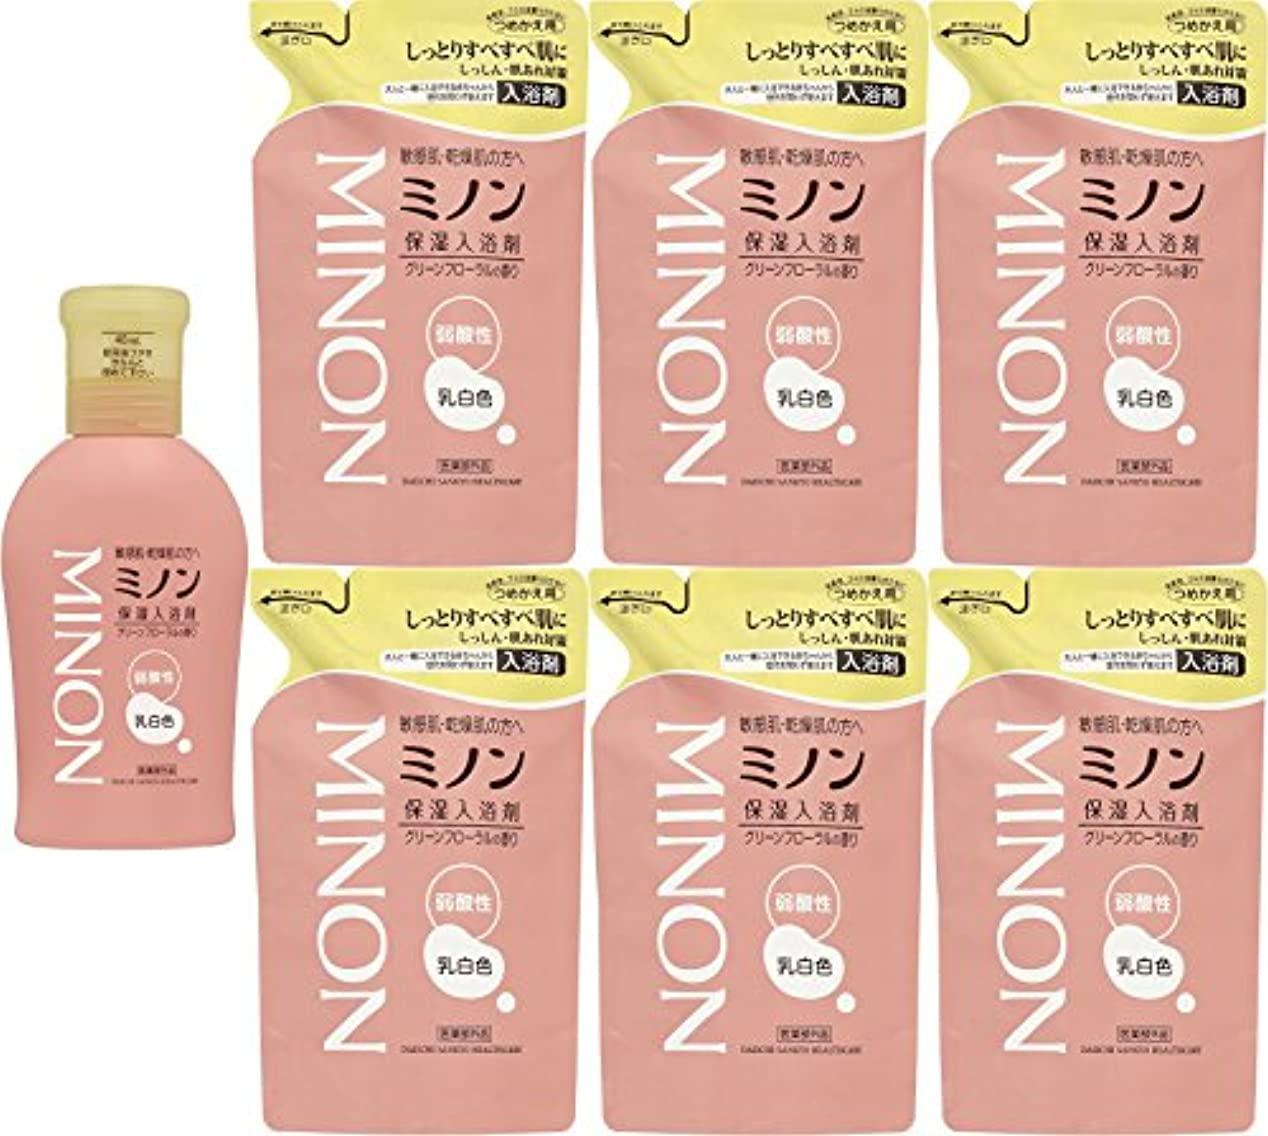 【本体+つめ替6個】ミノン 薬用保湿入浴剤